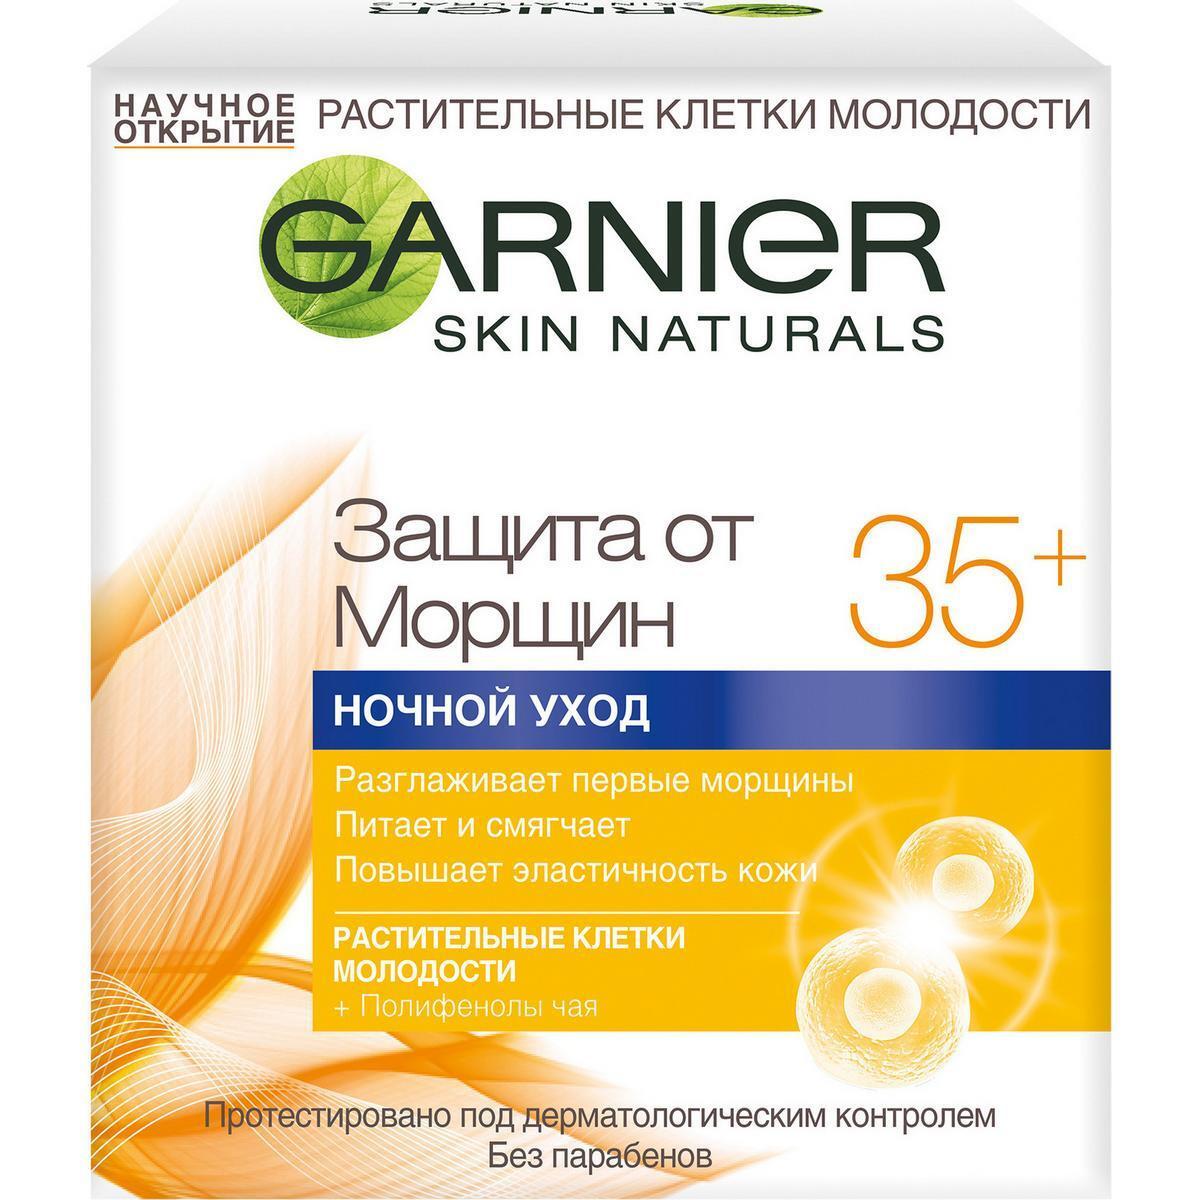 Garnier Увлажняющий ночной крем для лица Антивозрастной Уход, Защита от морщин 35+, 50 мл  #1